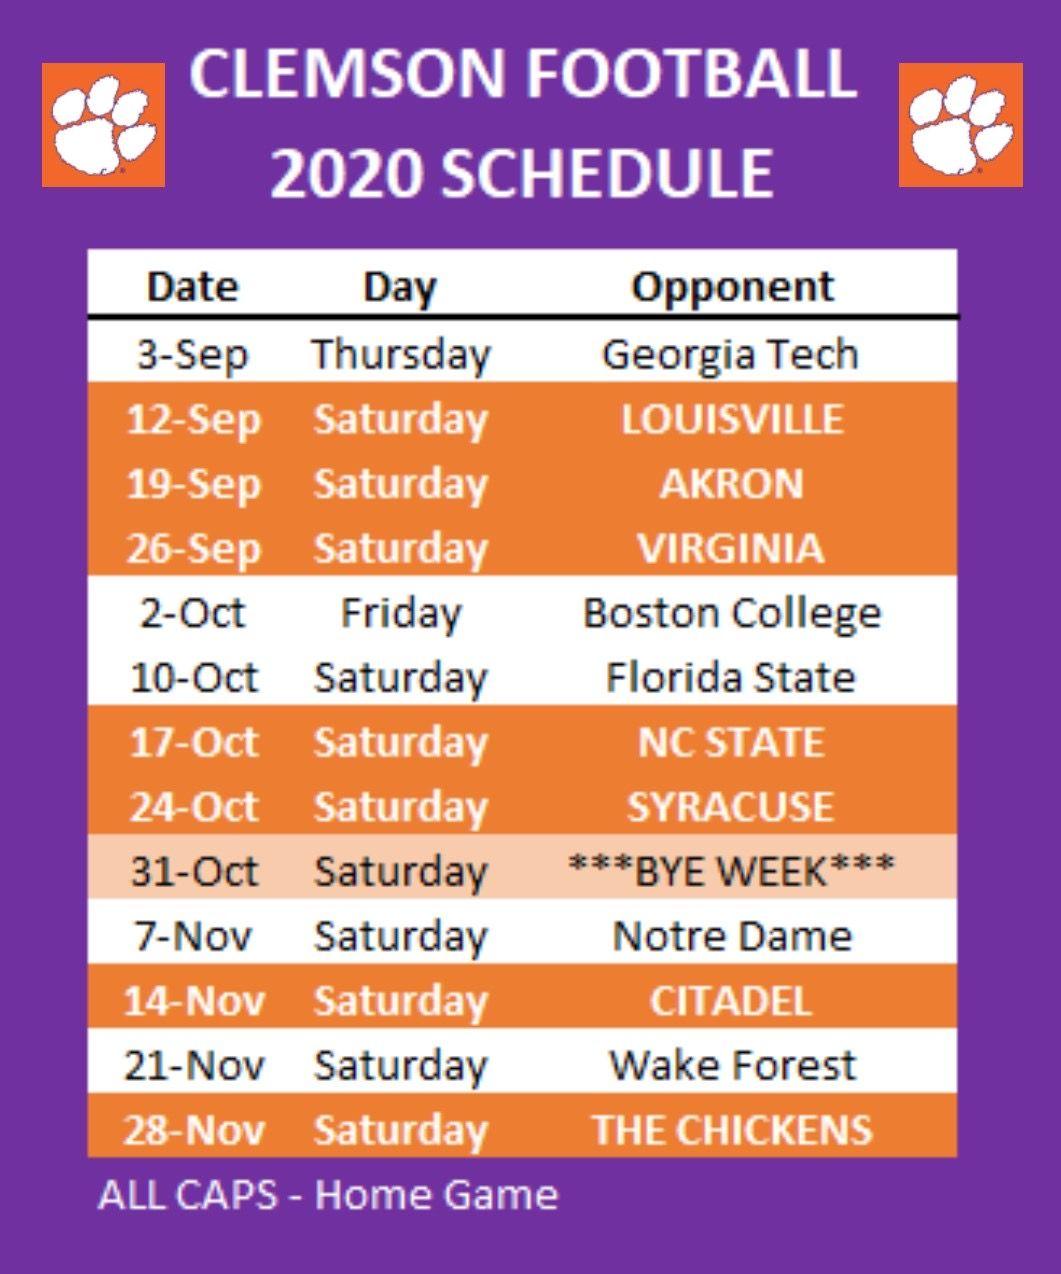 Clemson Football 2020 Schedule In 2020 Clemson Football Clemson Tigers Football Clemson Football Schedule